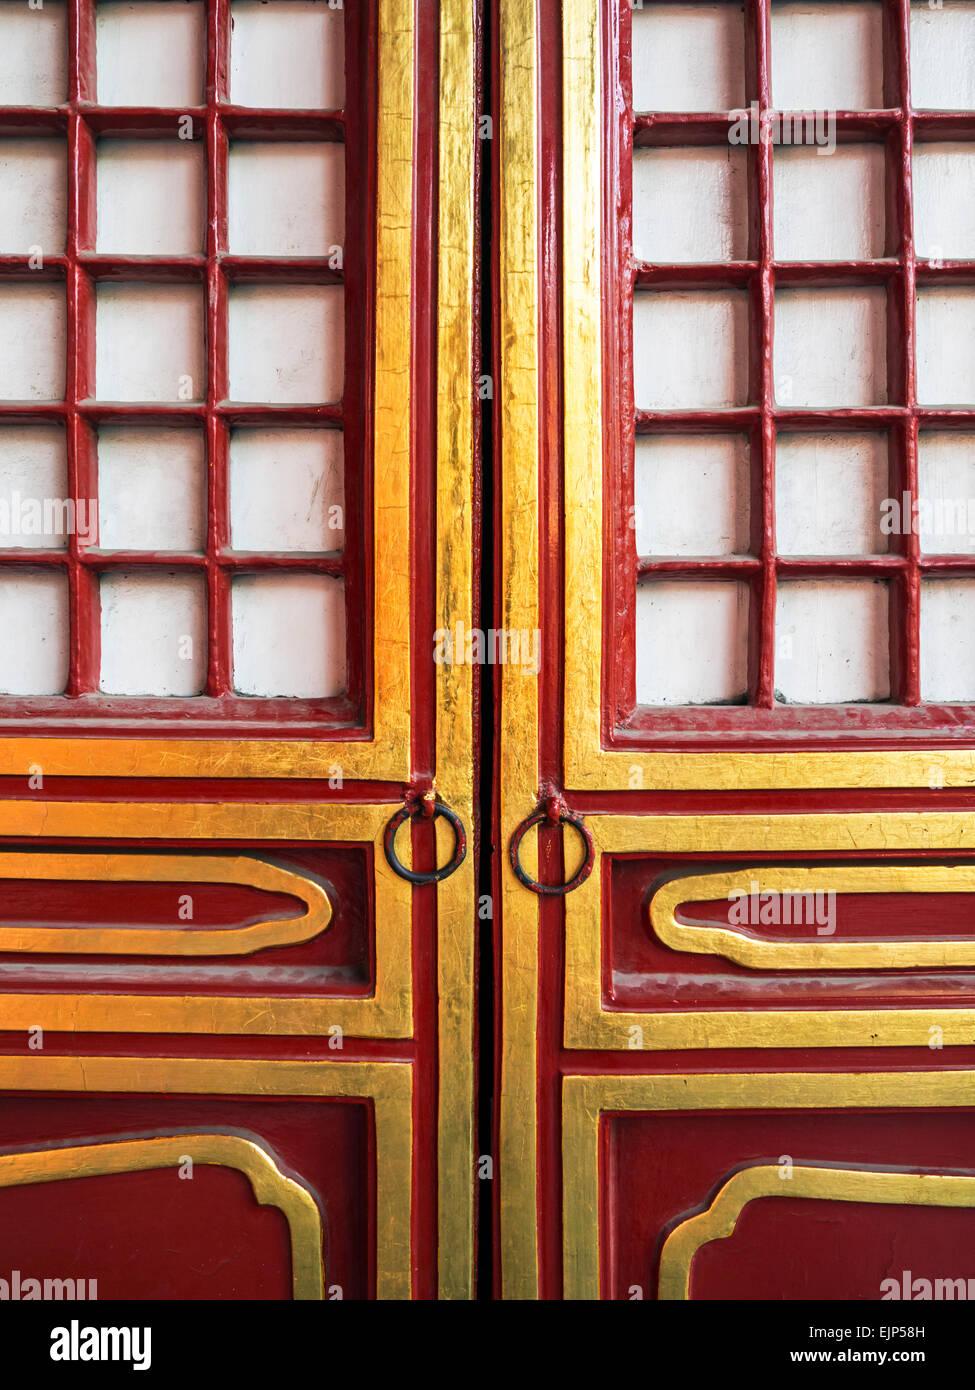 La Chine, Pékin, Cité Interdite, salle de l'harmonie suprême, cour extérieure, porte détail Photo Stock